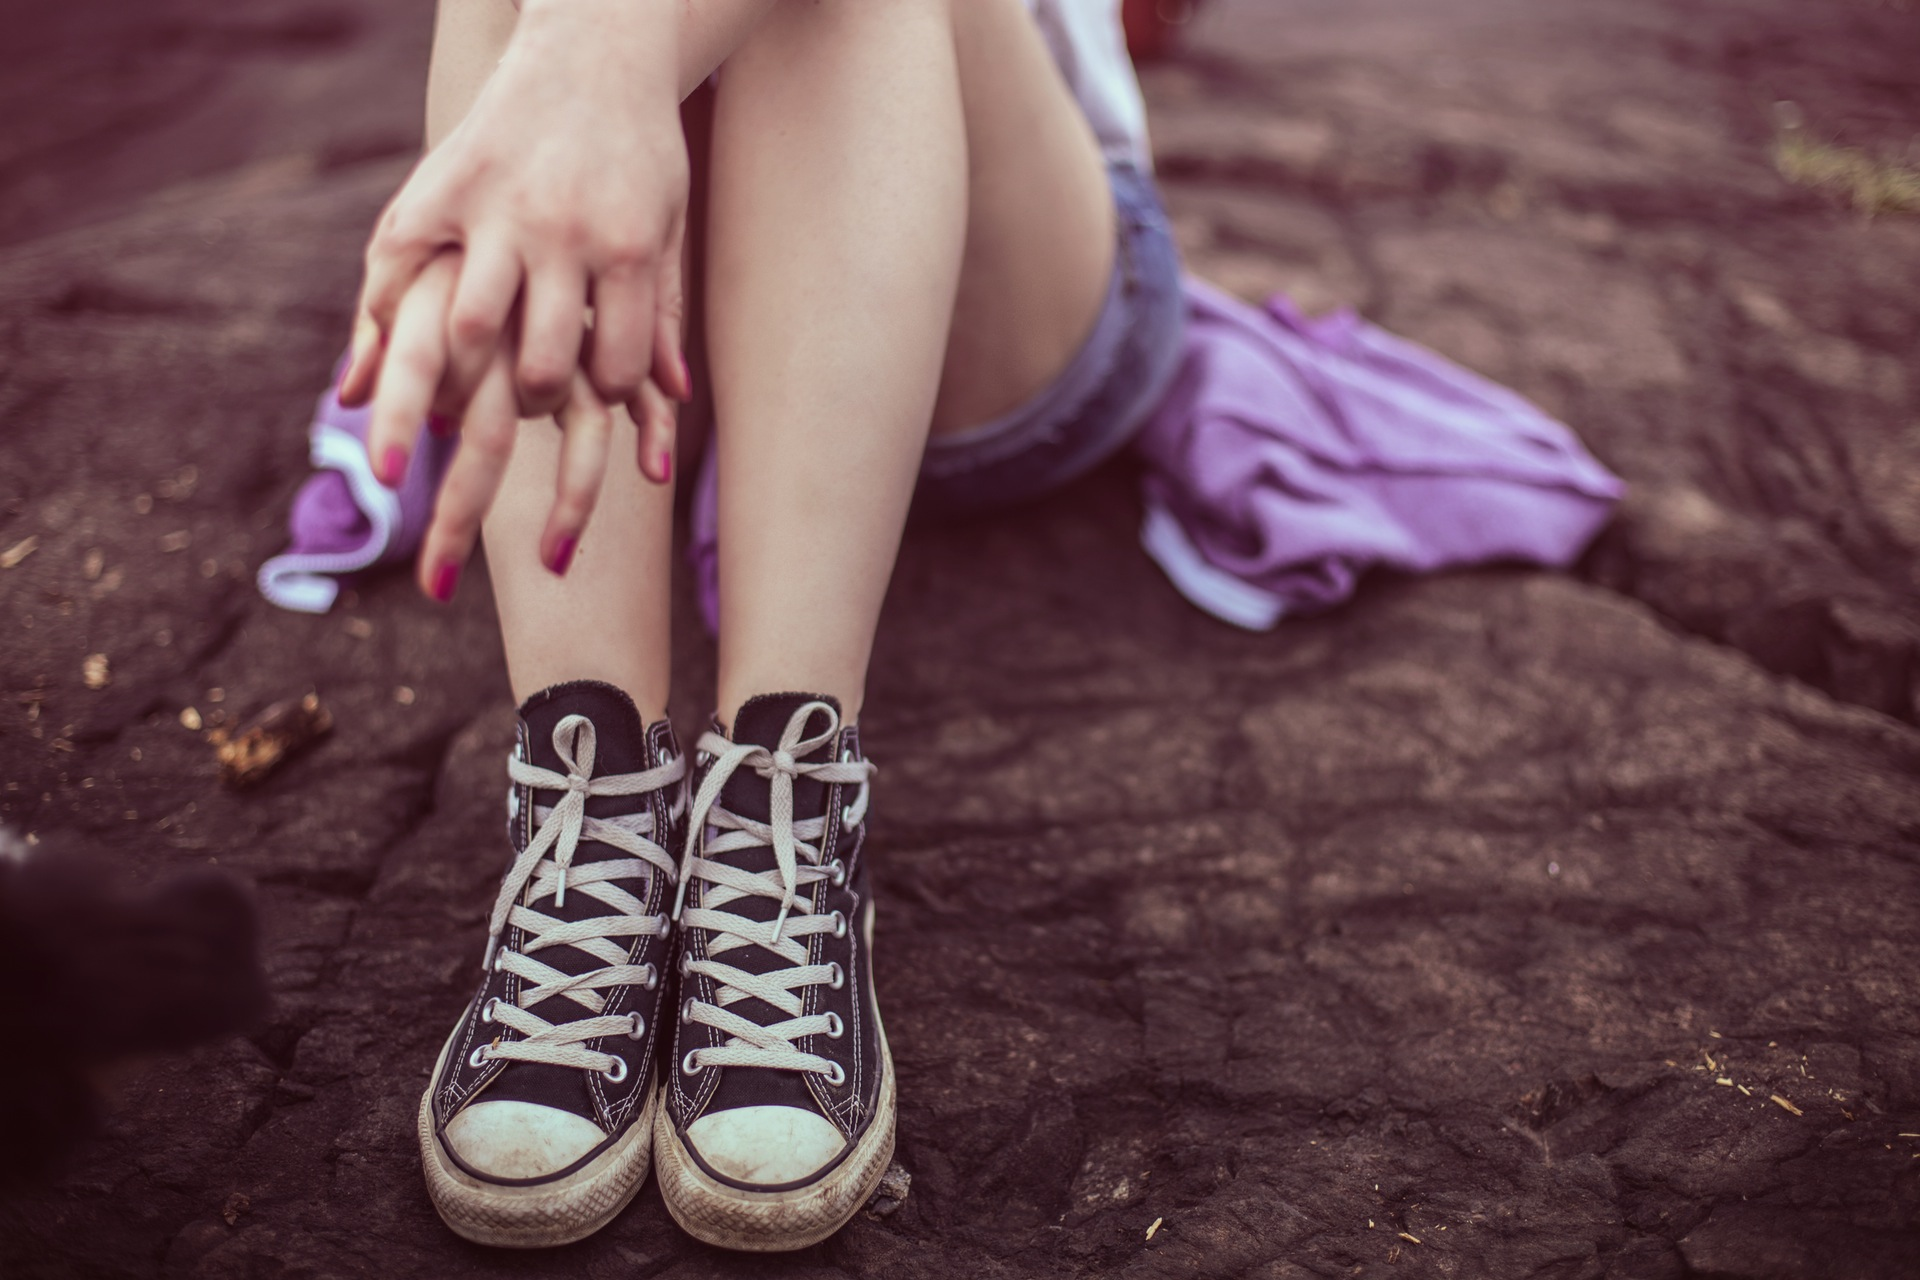 jambes, chaussures, robe, femme, définit, converse - Fonds d'écran HD - Professor-falken.com